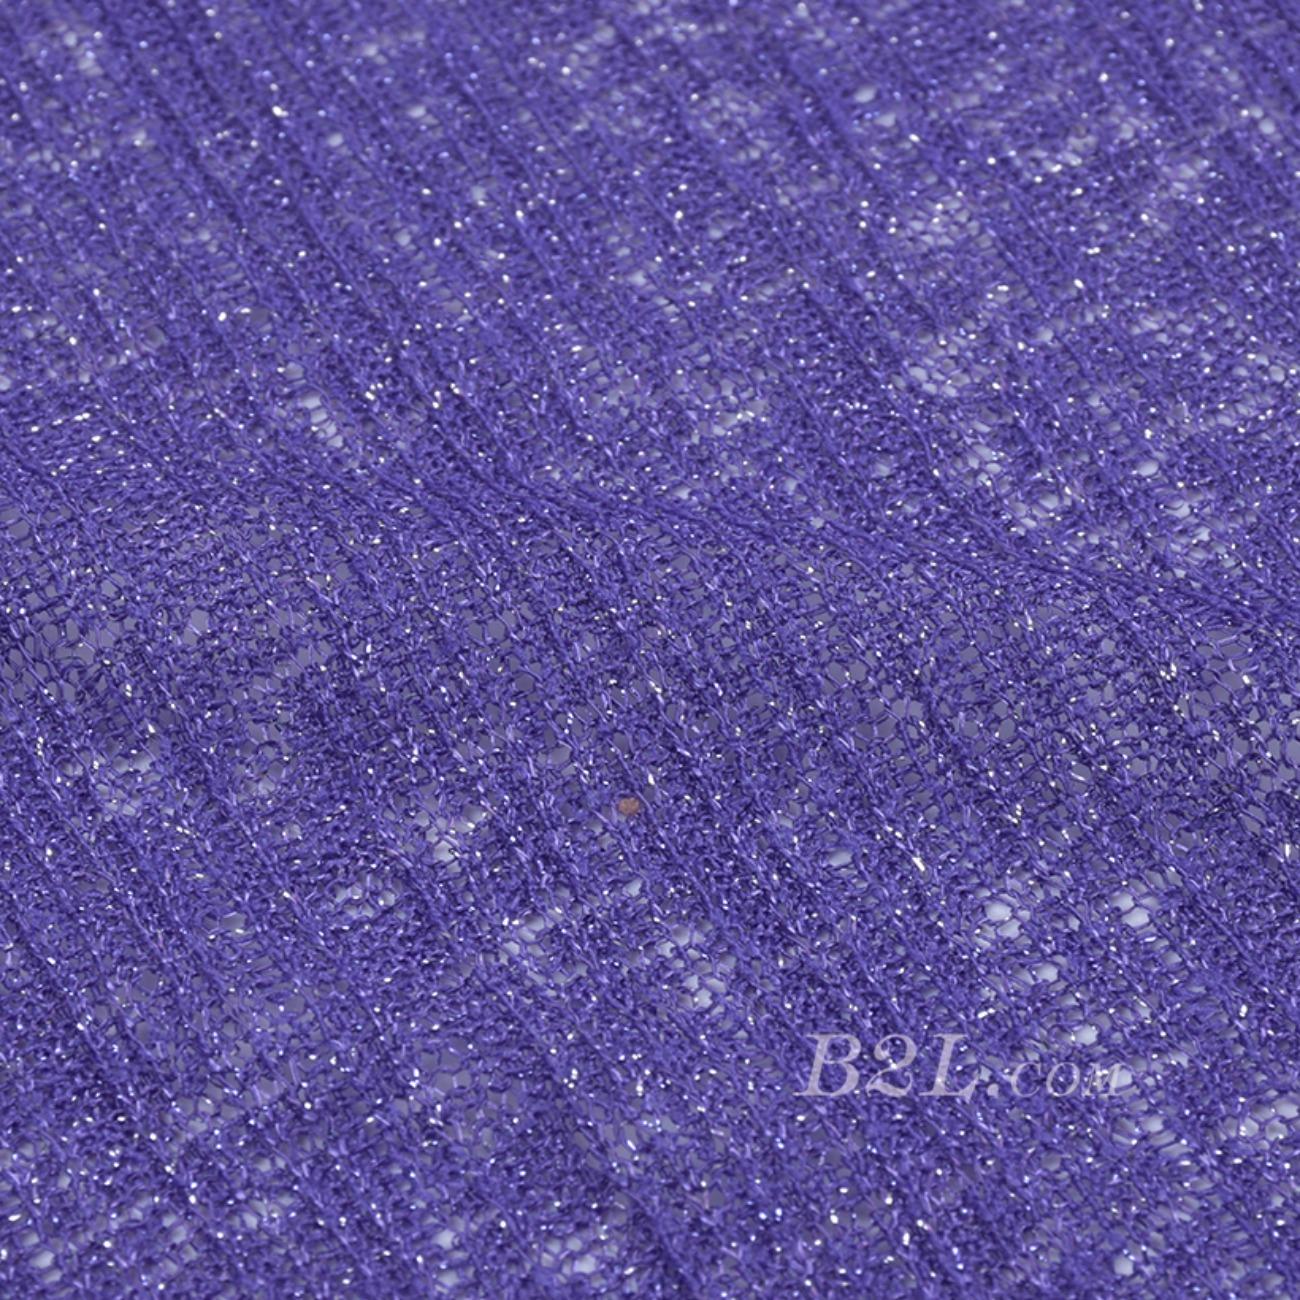 素色 针织 银线 染色 雪花罗纹 弹力 春秋 T恤 连衣裙 外套 裤装 女装 80517-19